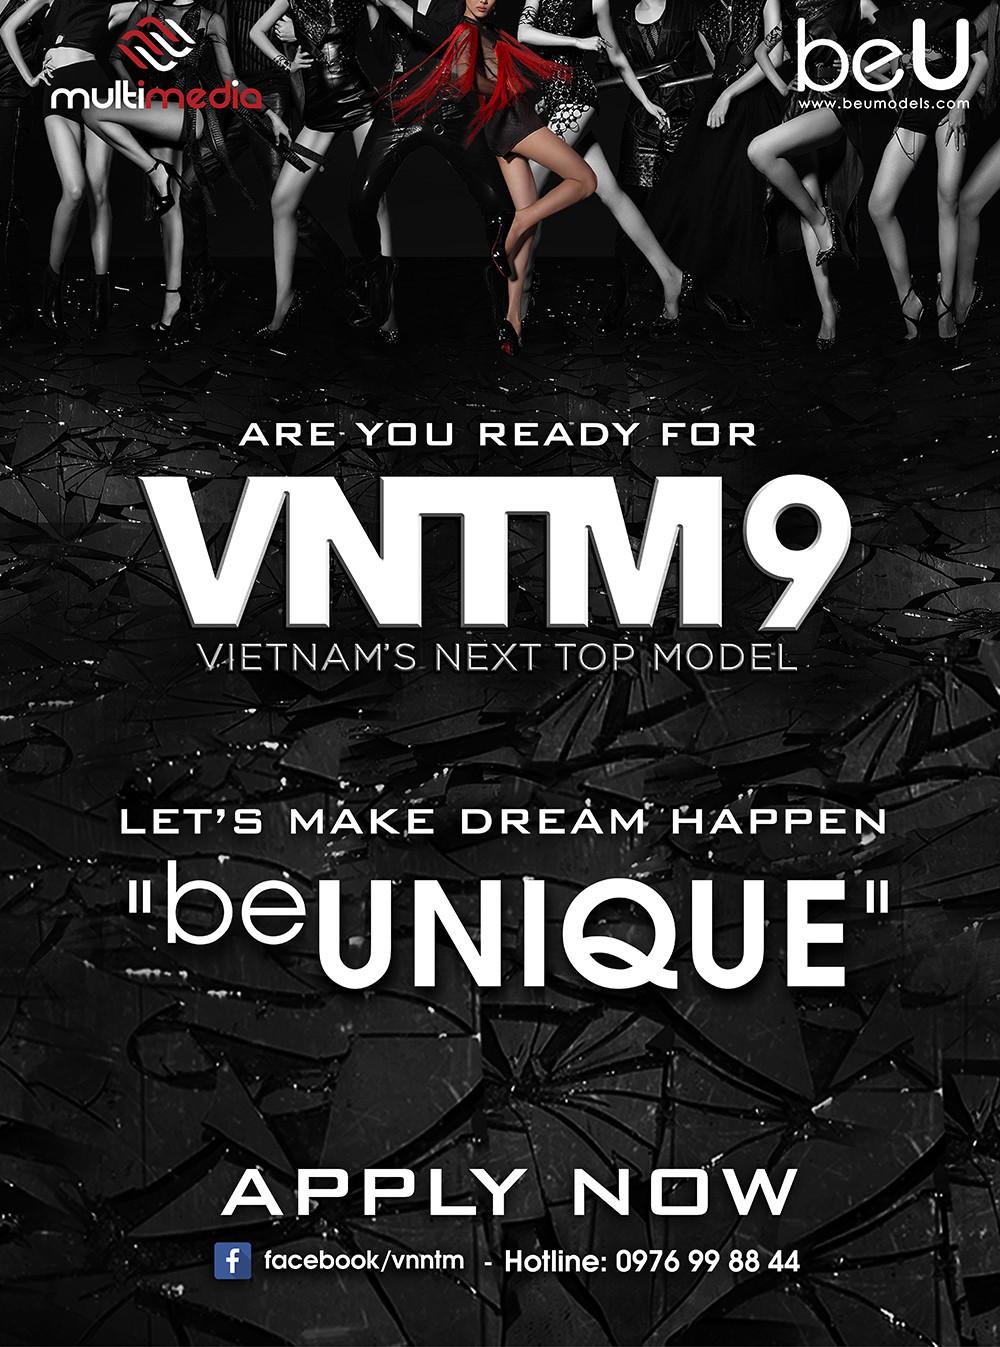 Nhìn lại poster ấn tượng của 8 mùa Vietnams Next Top Model và hé lộ điều bất ngờ ở mùa thứ 9 - Ảnh 9.